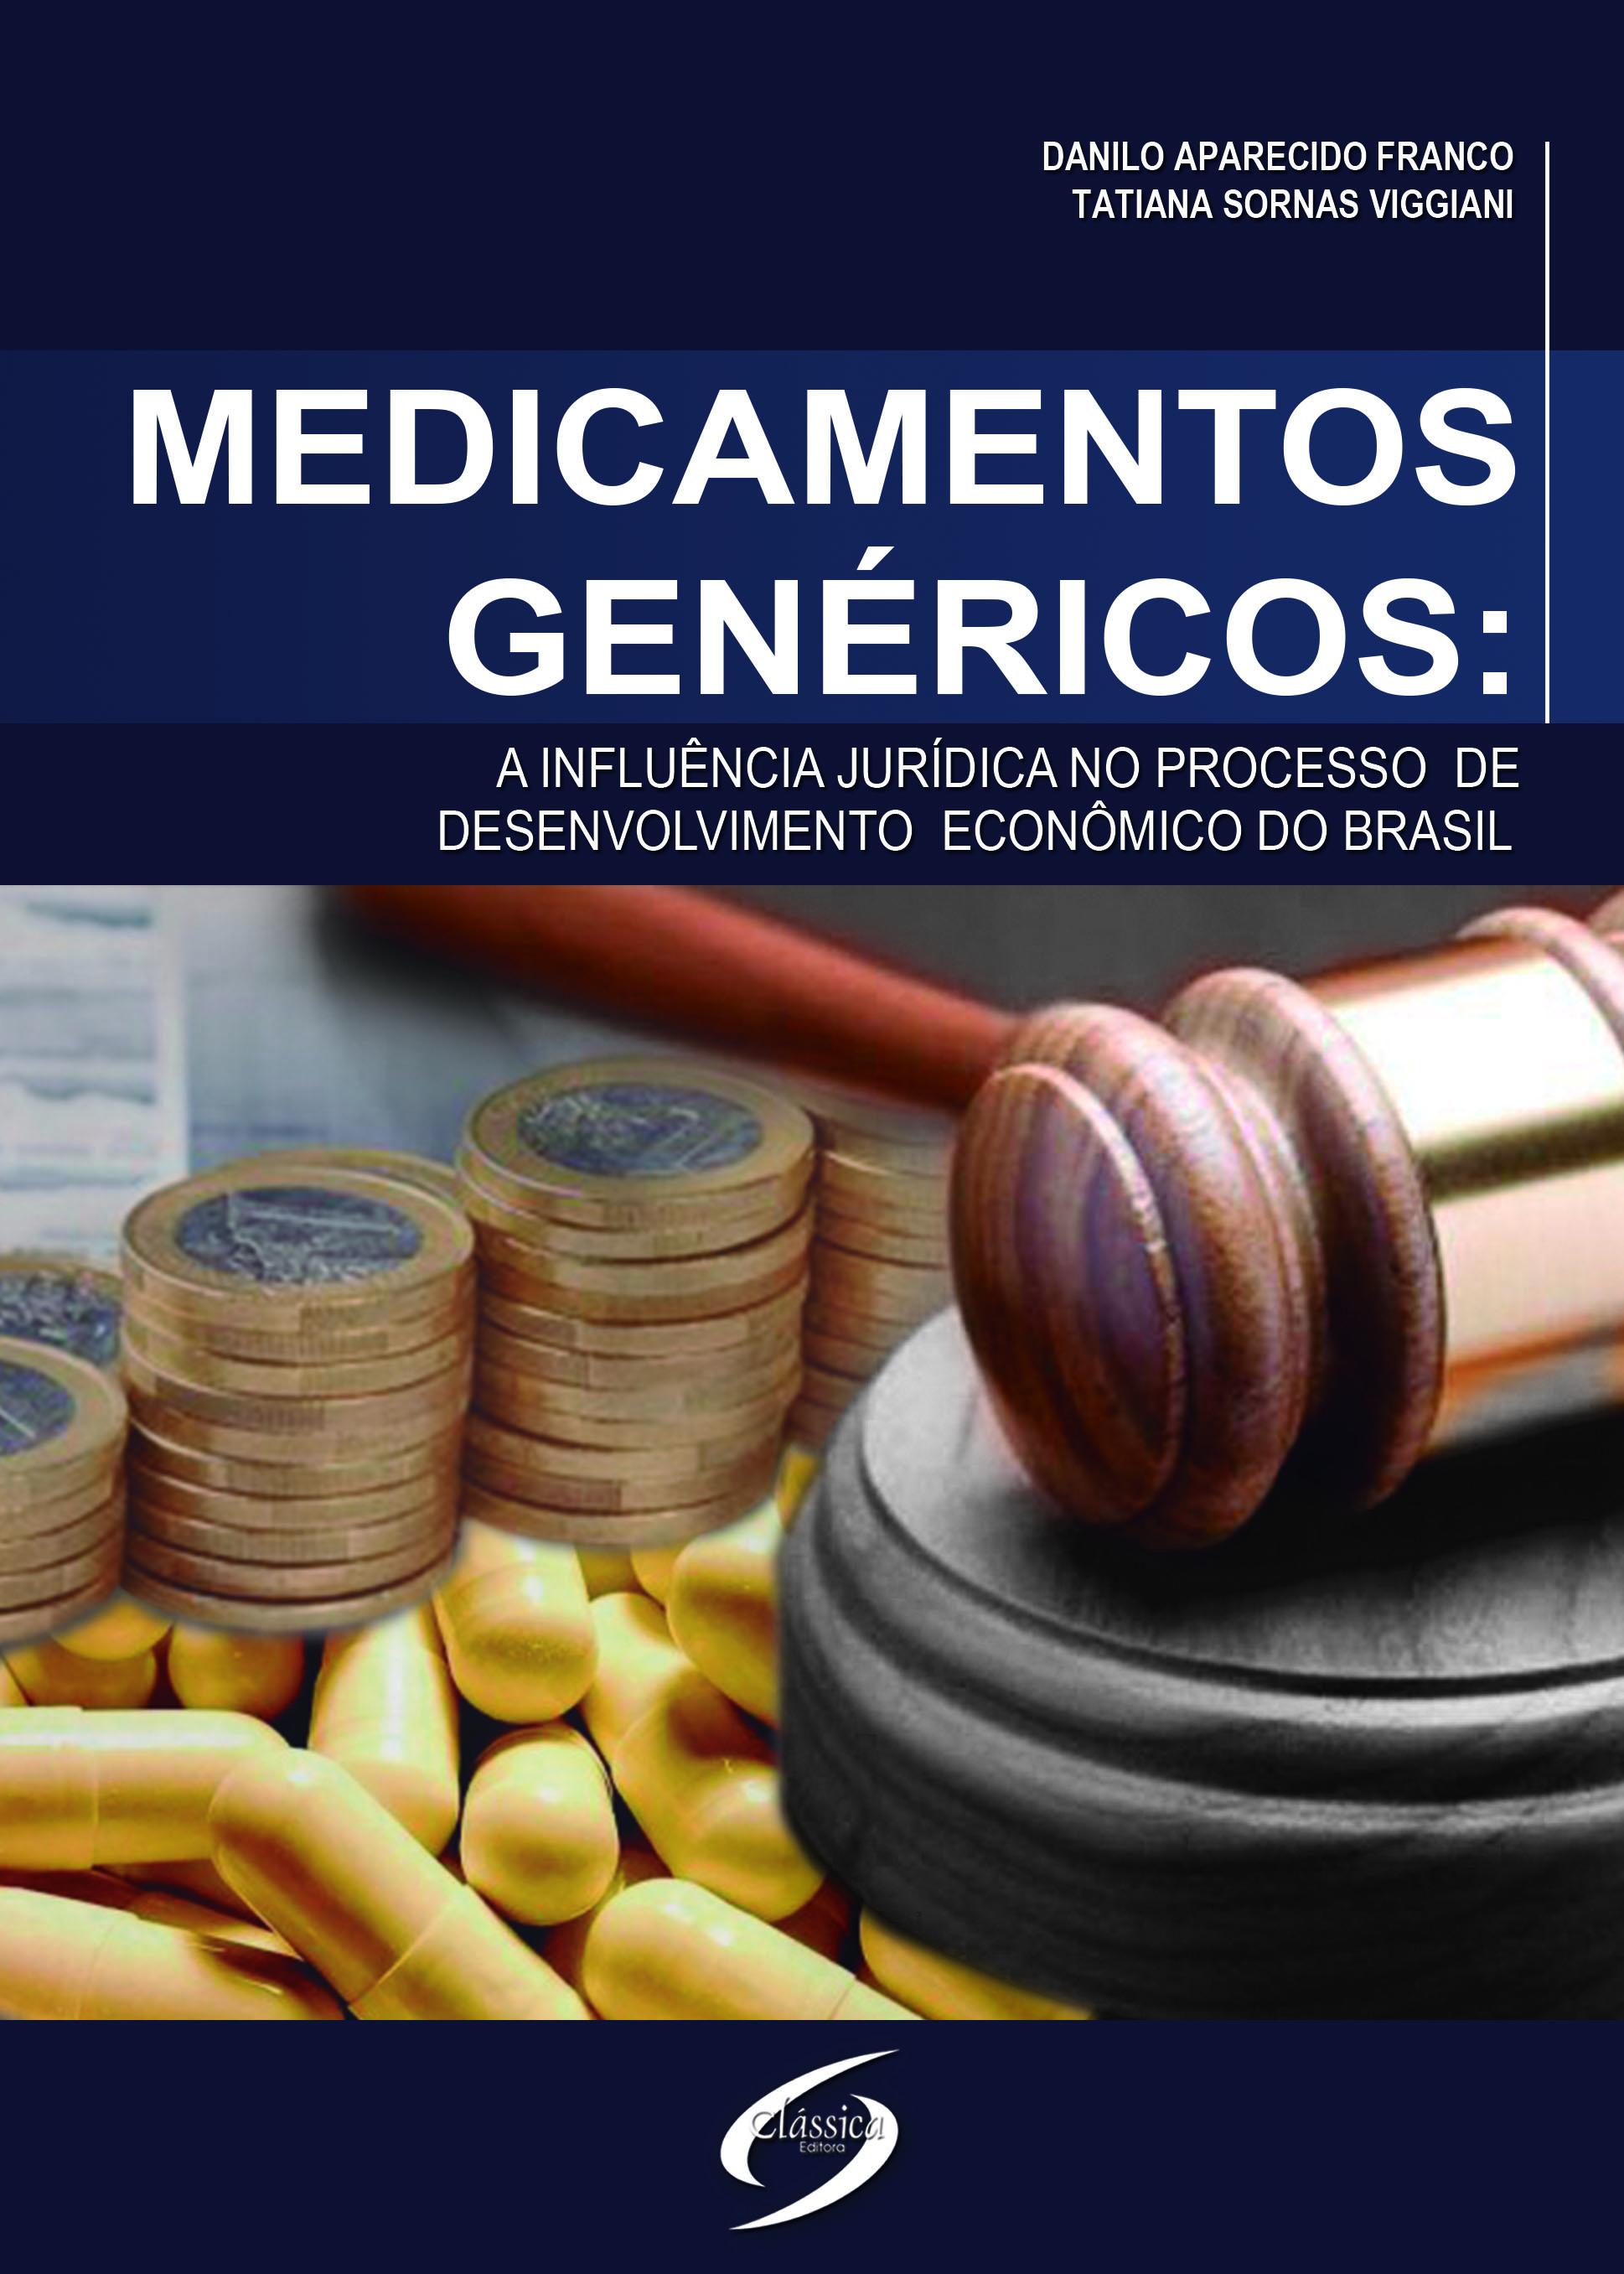 Medicamentos Genéricos: A Influência Jurídica no Processo de Desenvolvimento Econômico do Brasil